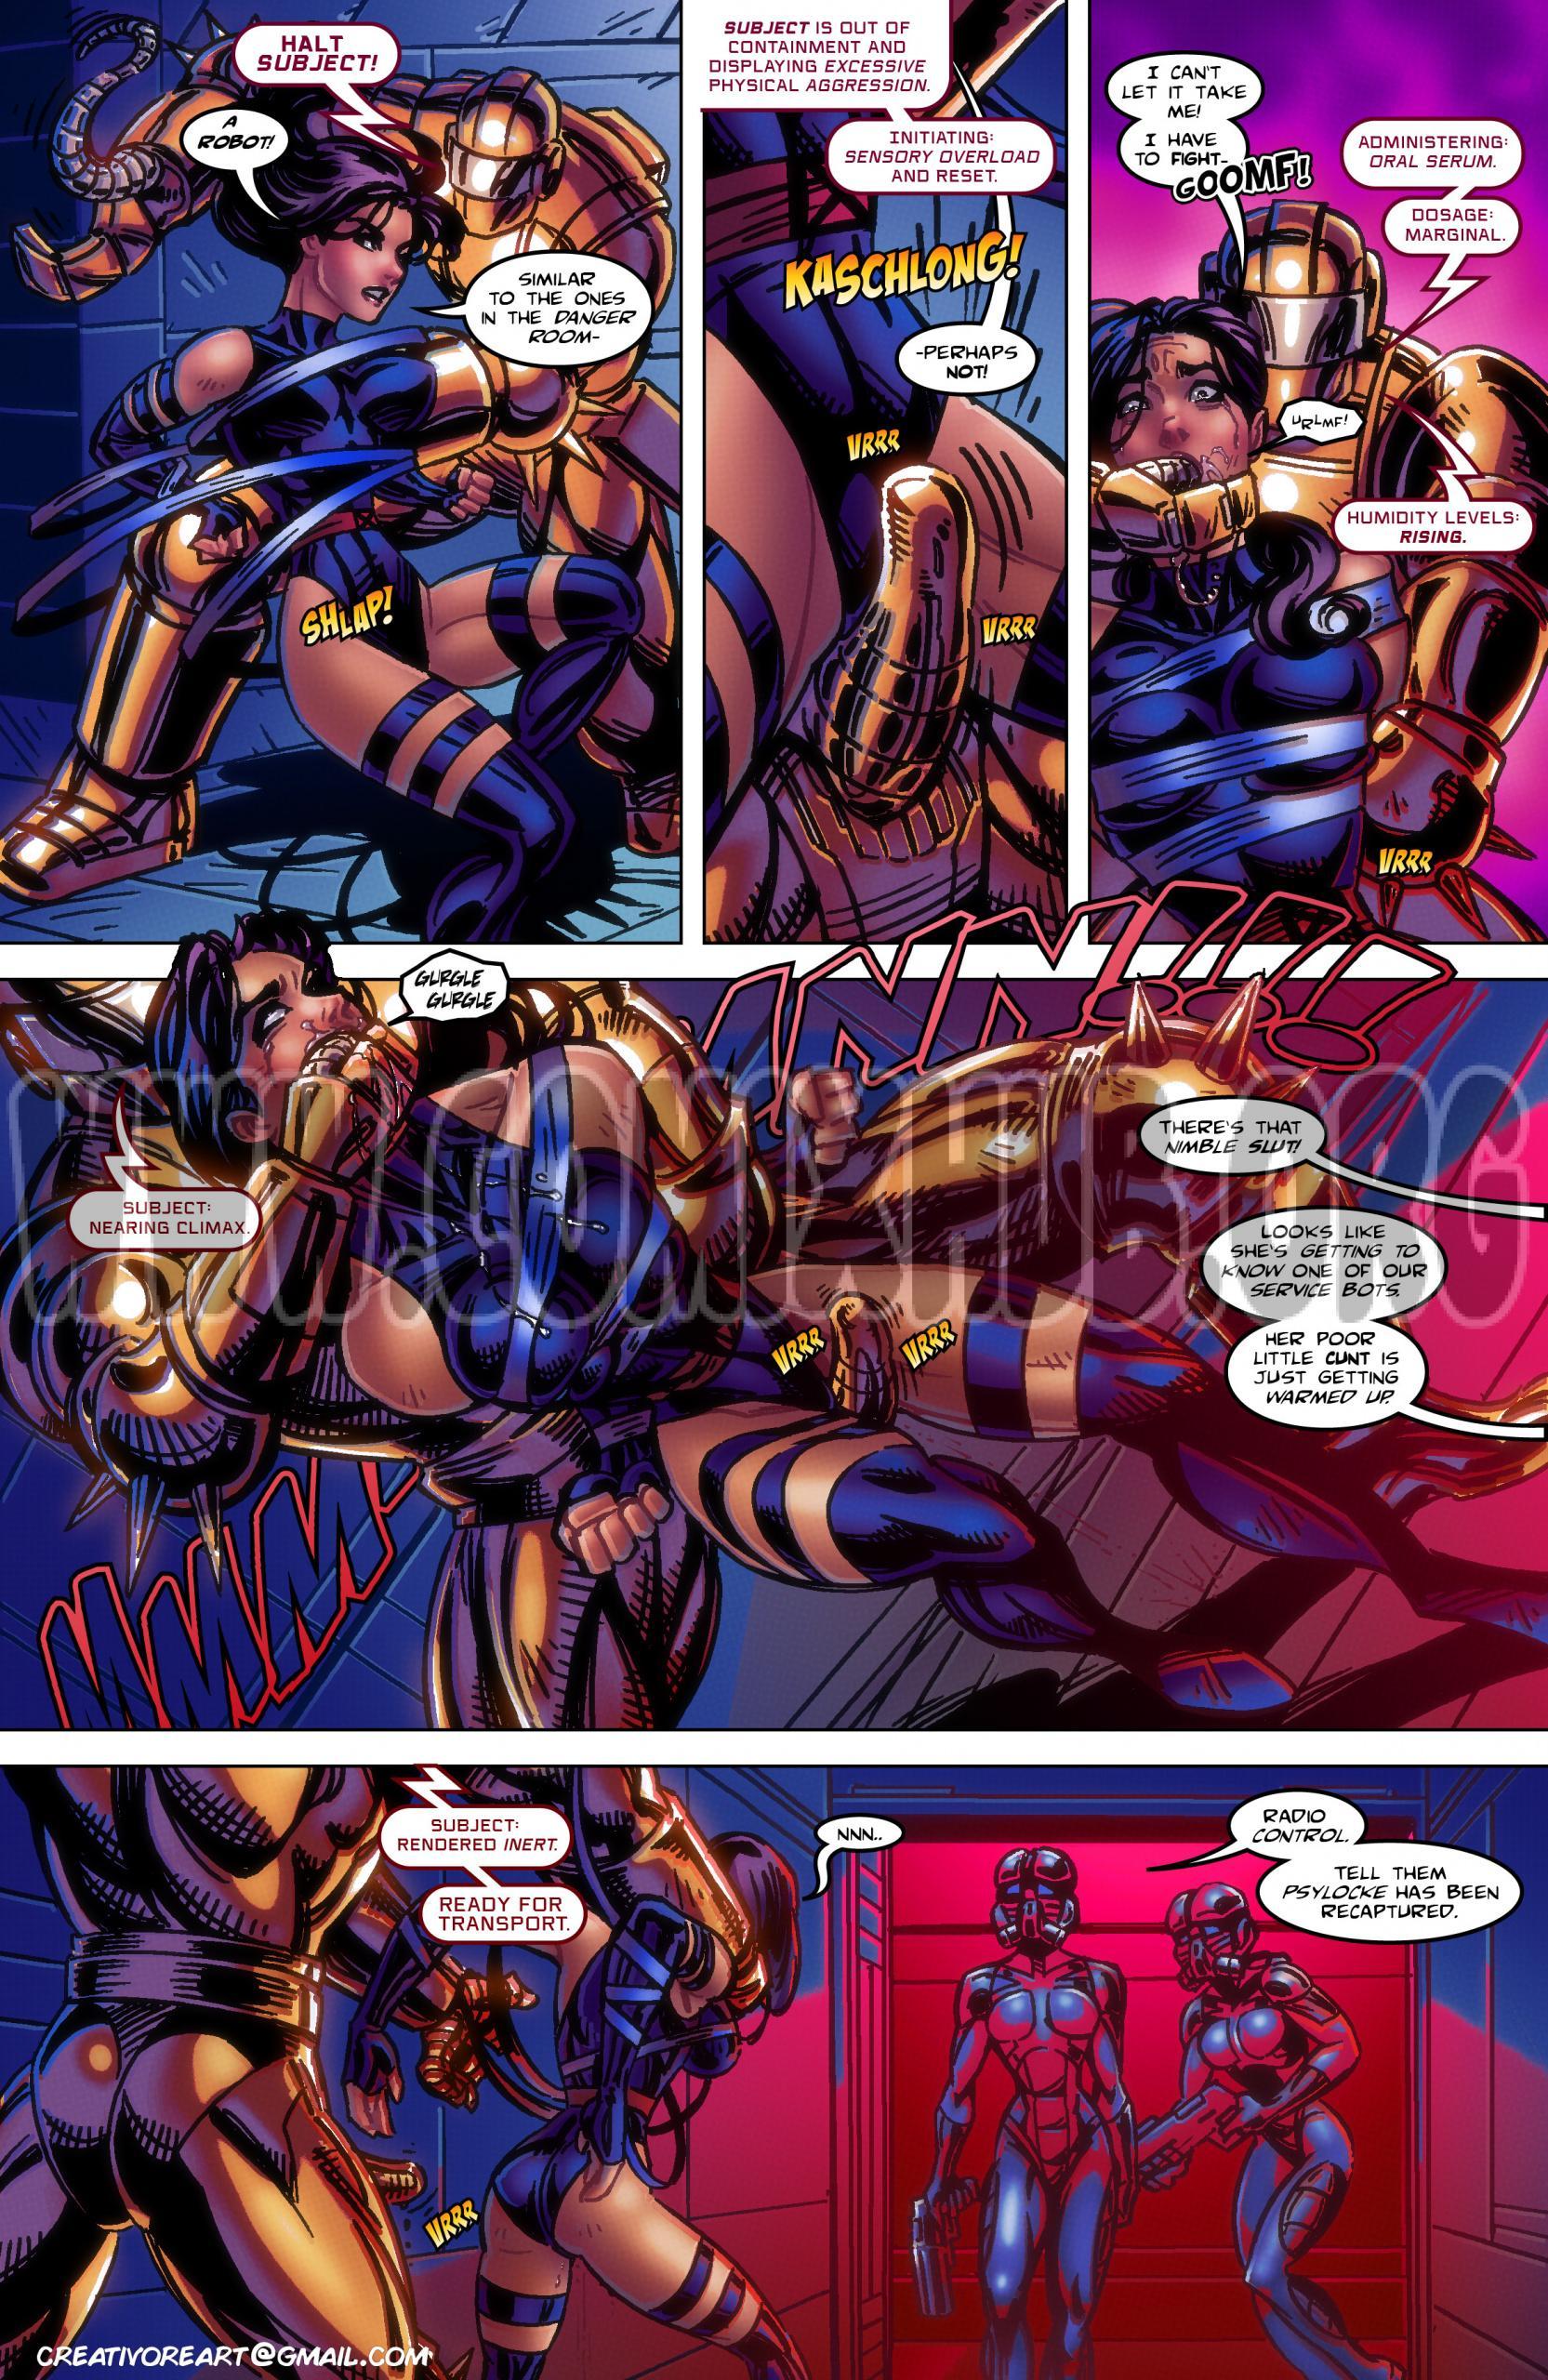 Breakout 1-3 porn comics Oral sex, Aliens, Anal Sex, cunnilingus, Double Penetration, Femdom, Lesbians, Rape, Sex Toys, Straight, Tentacles